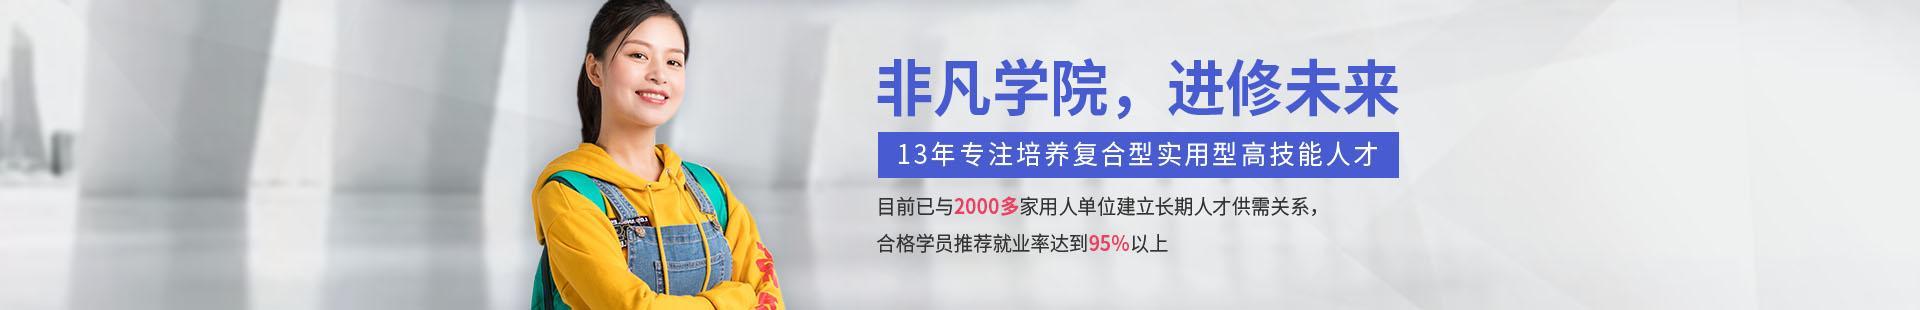 上海非凡教育培训